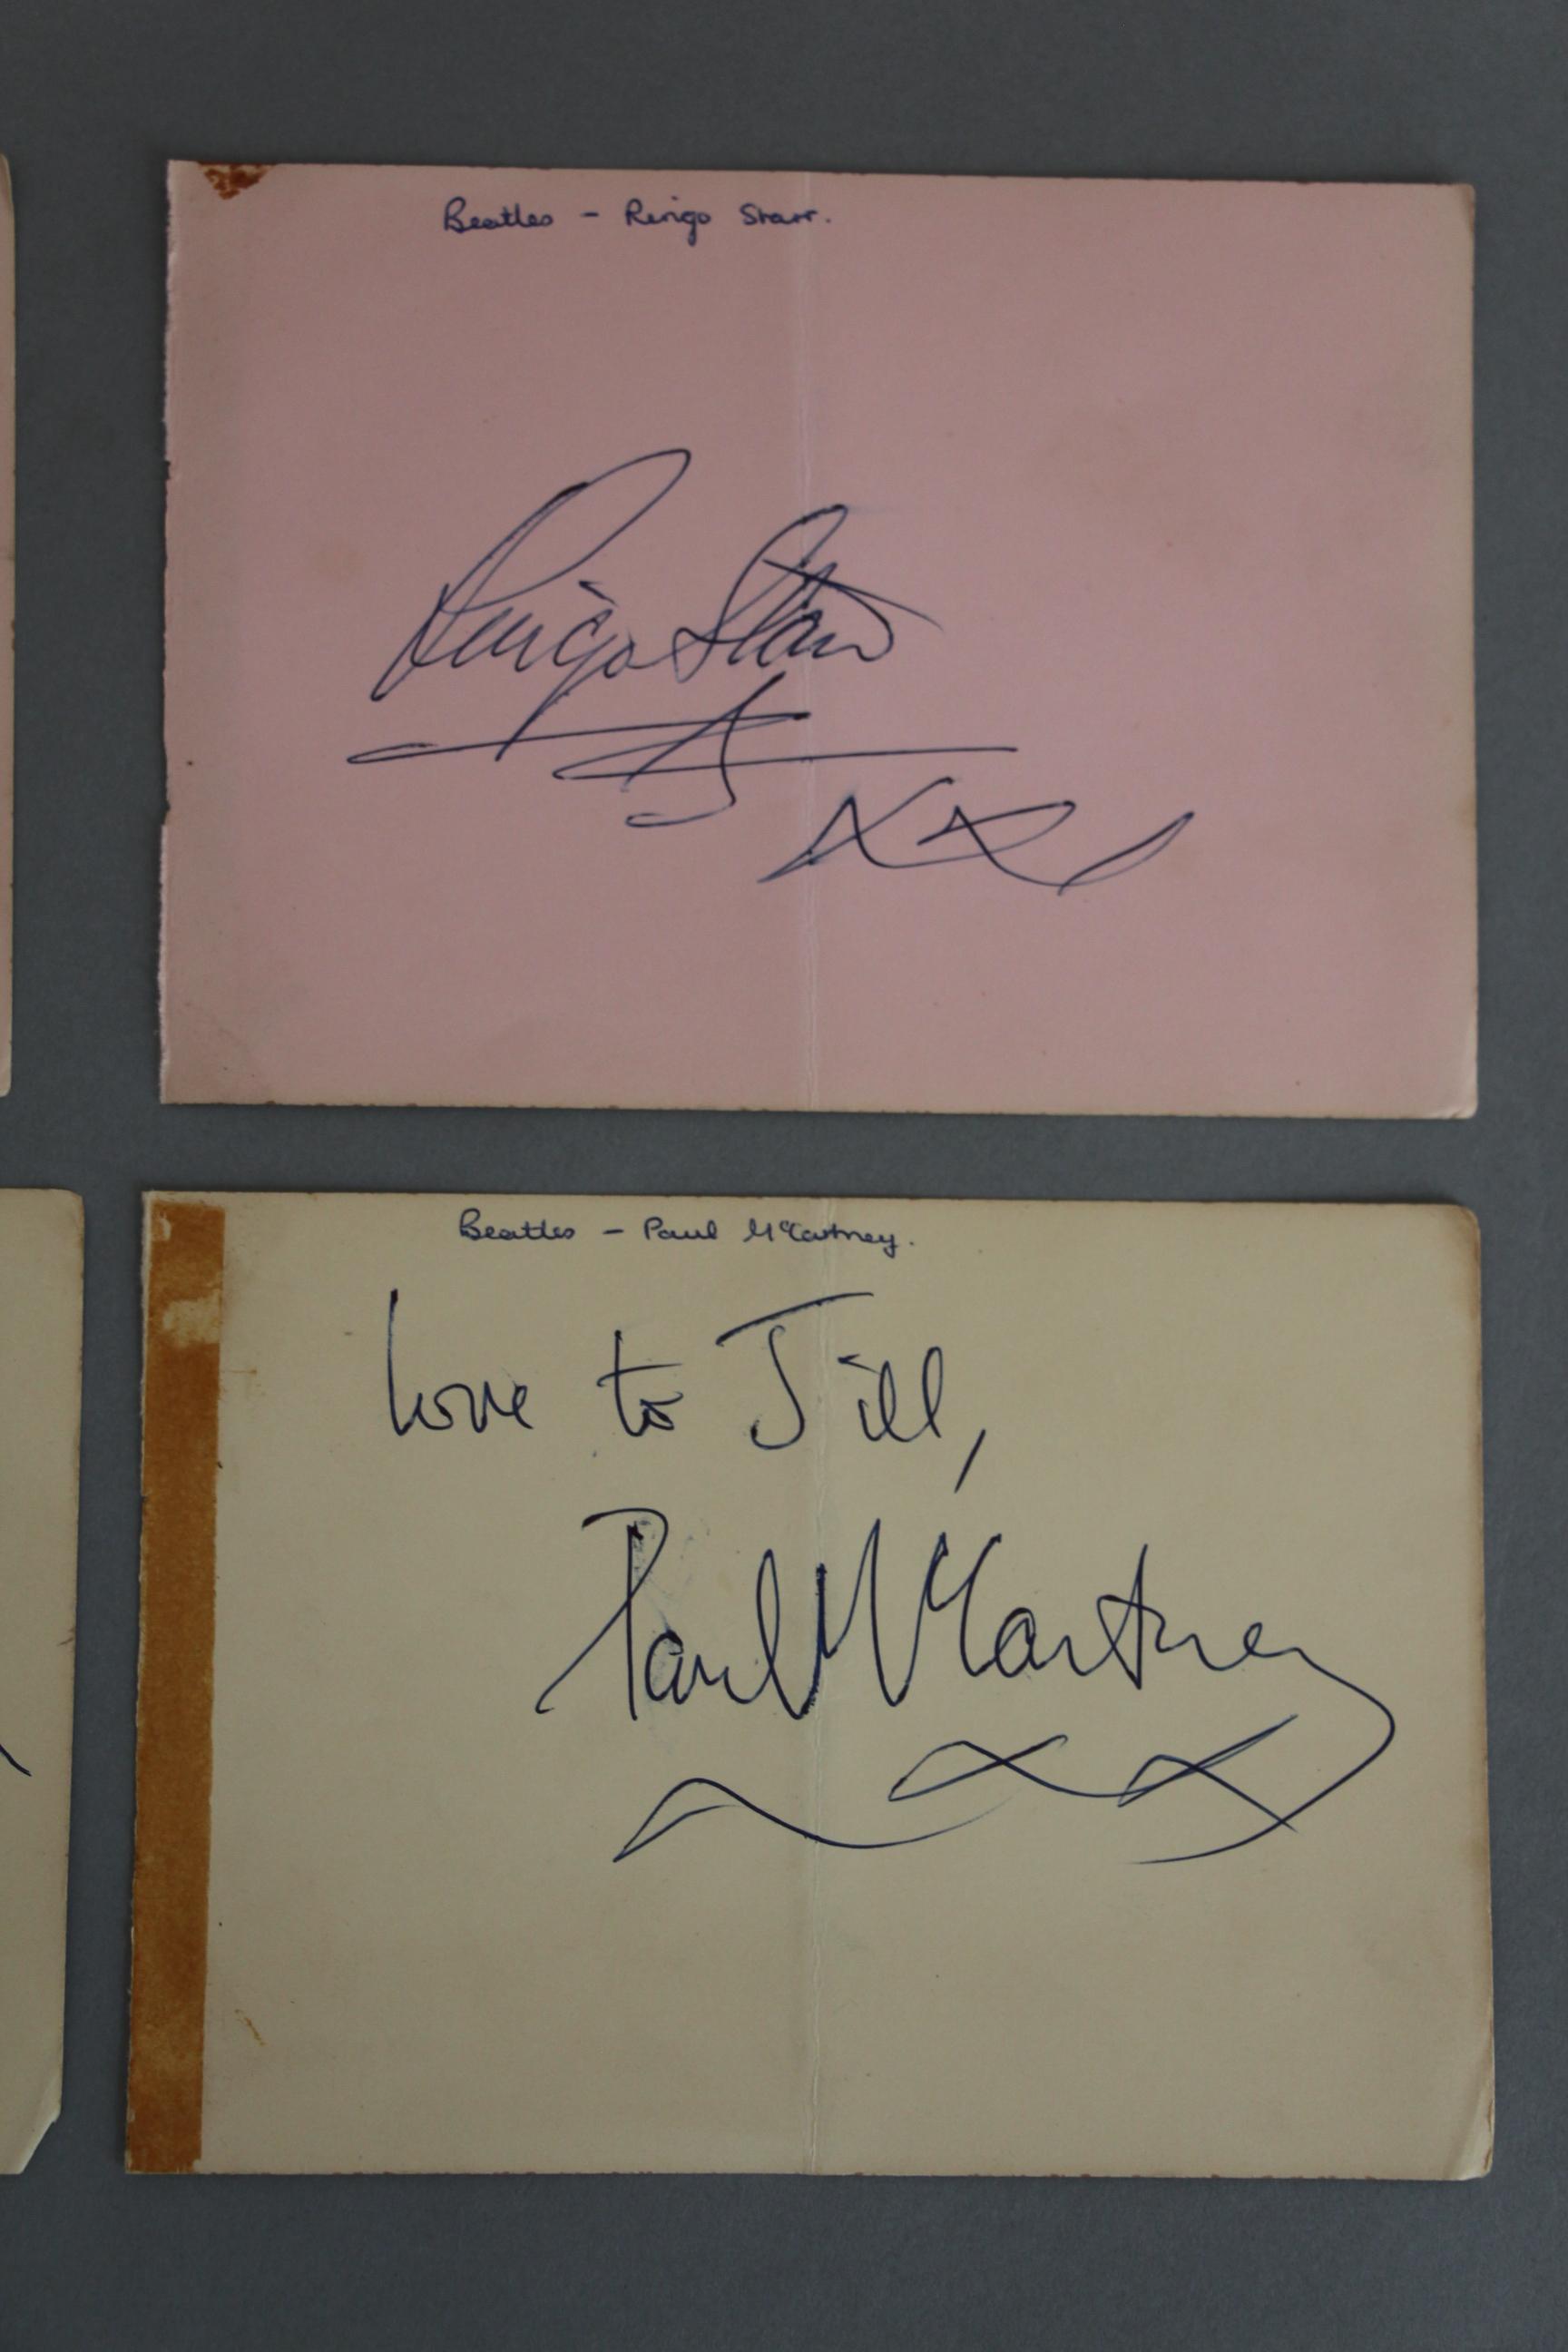 Lot 320 - The Beatles signed Paul McCartney, John Lennon,